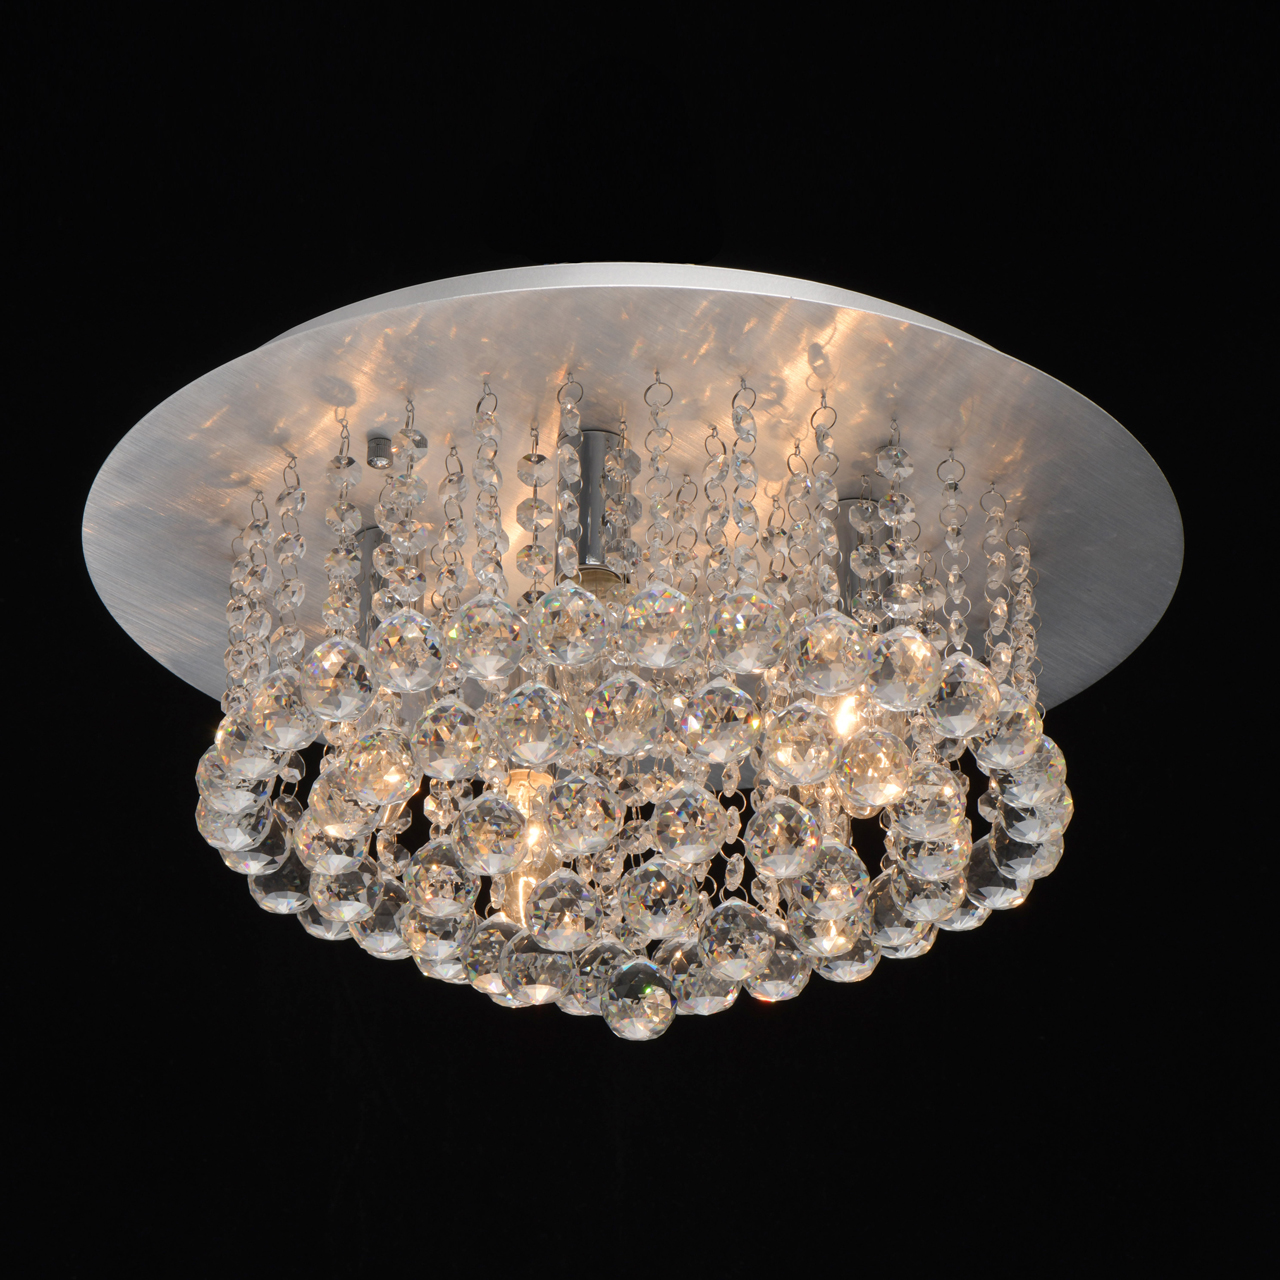 Потолочная люстра MW-Light Венеция 276014605, серебро, прозрачный, металл, хрусталь - фото 2